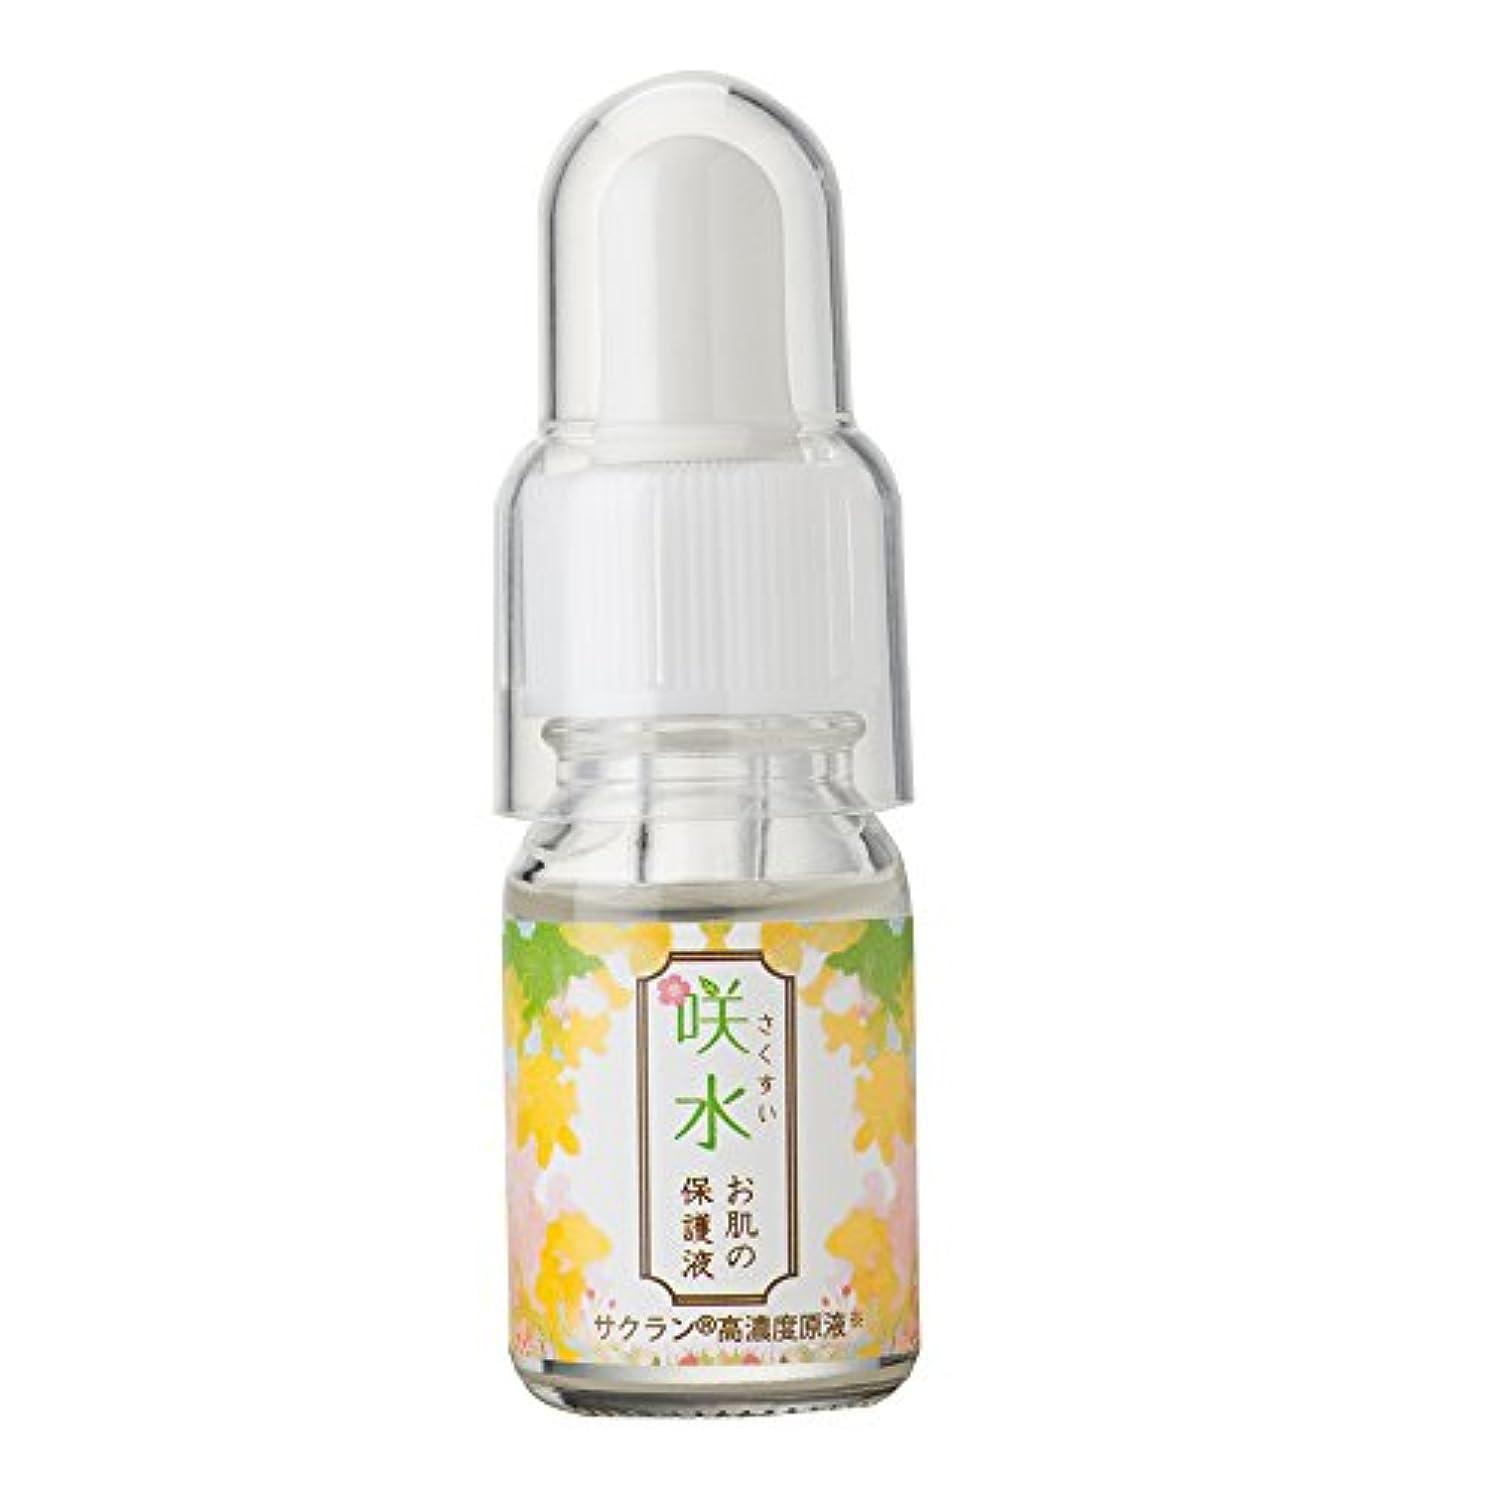 報酬明るい九咲水お肌の保護液 10ml  保湿 美容液 顔 スイセンジノリ サクラン リバテープ製薬公式